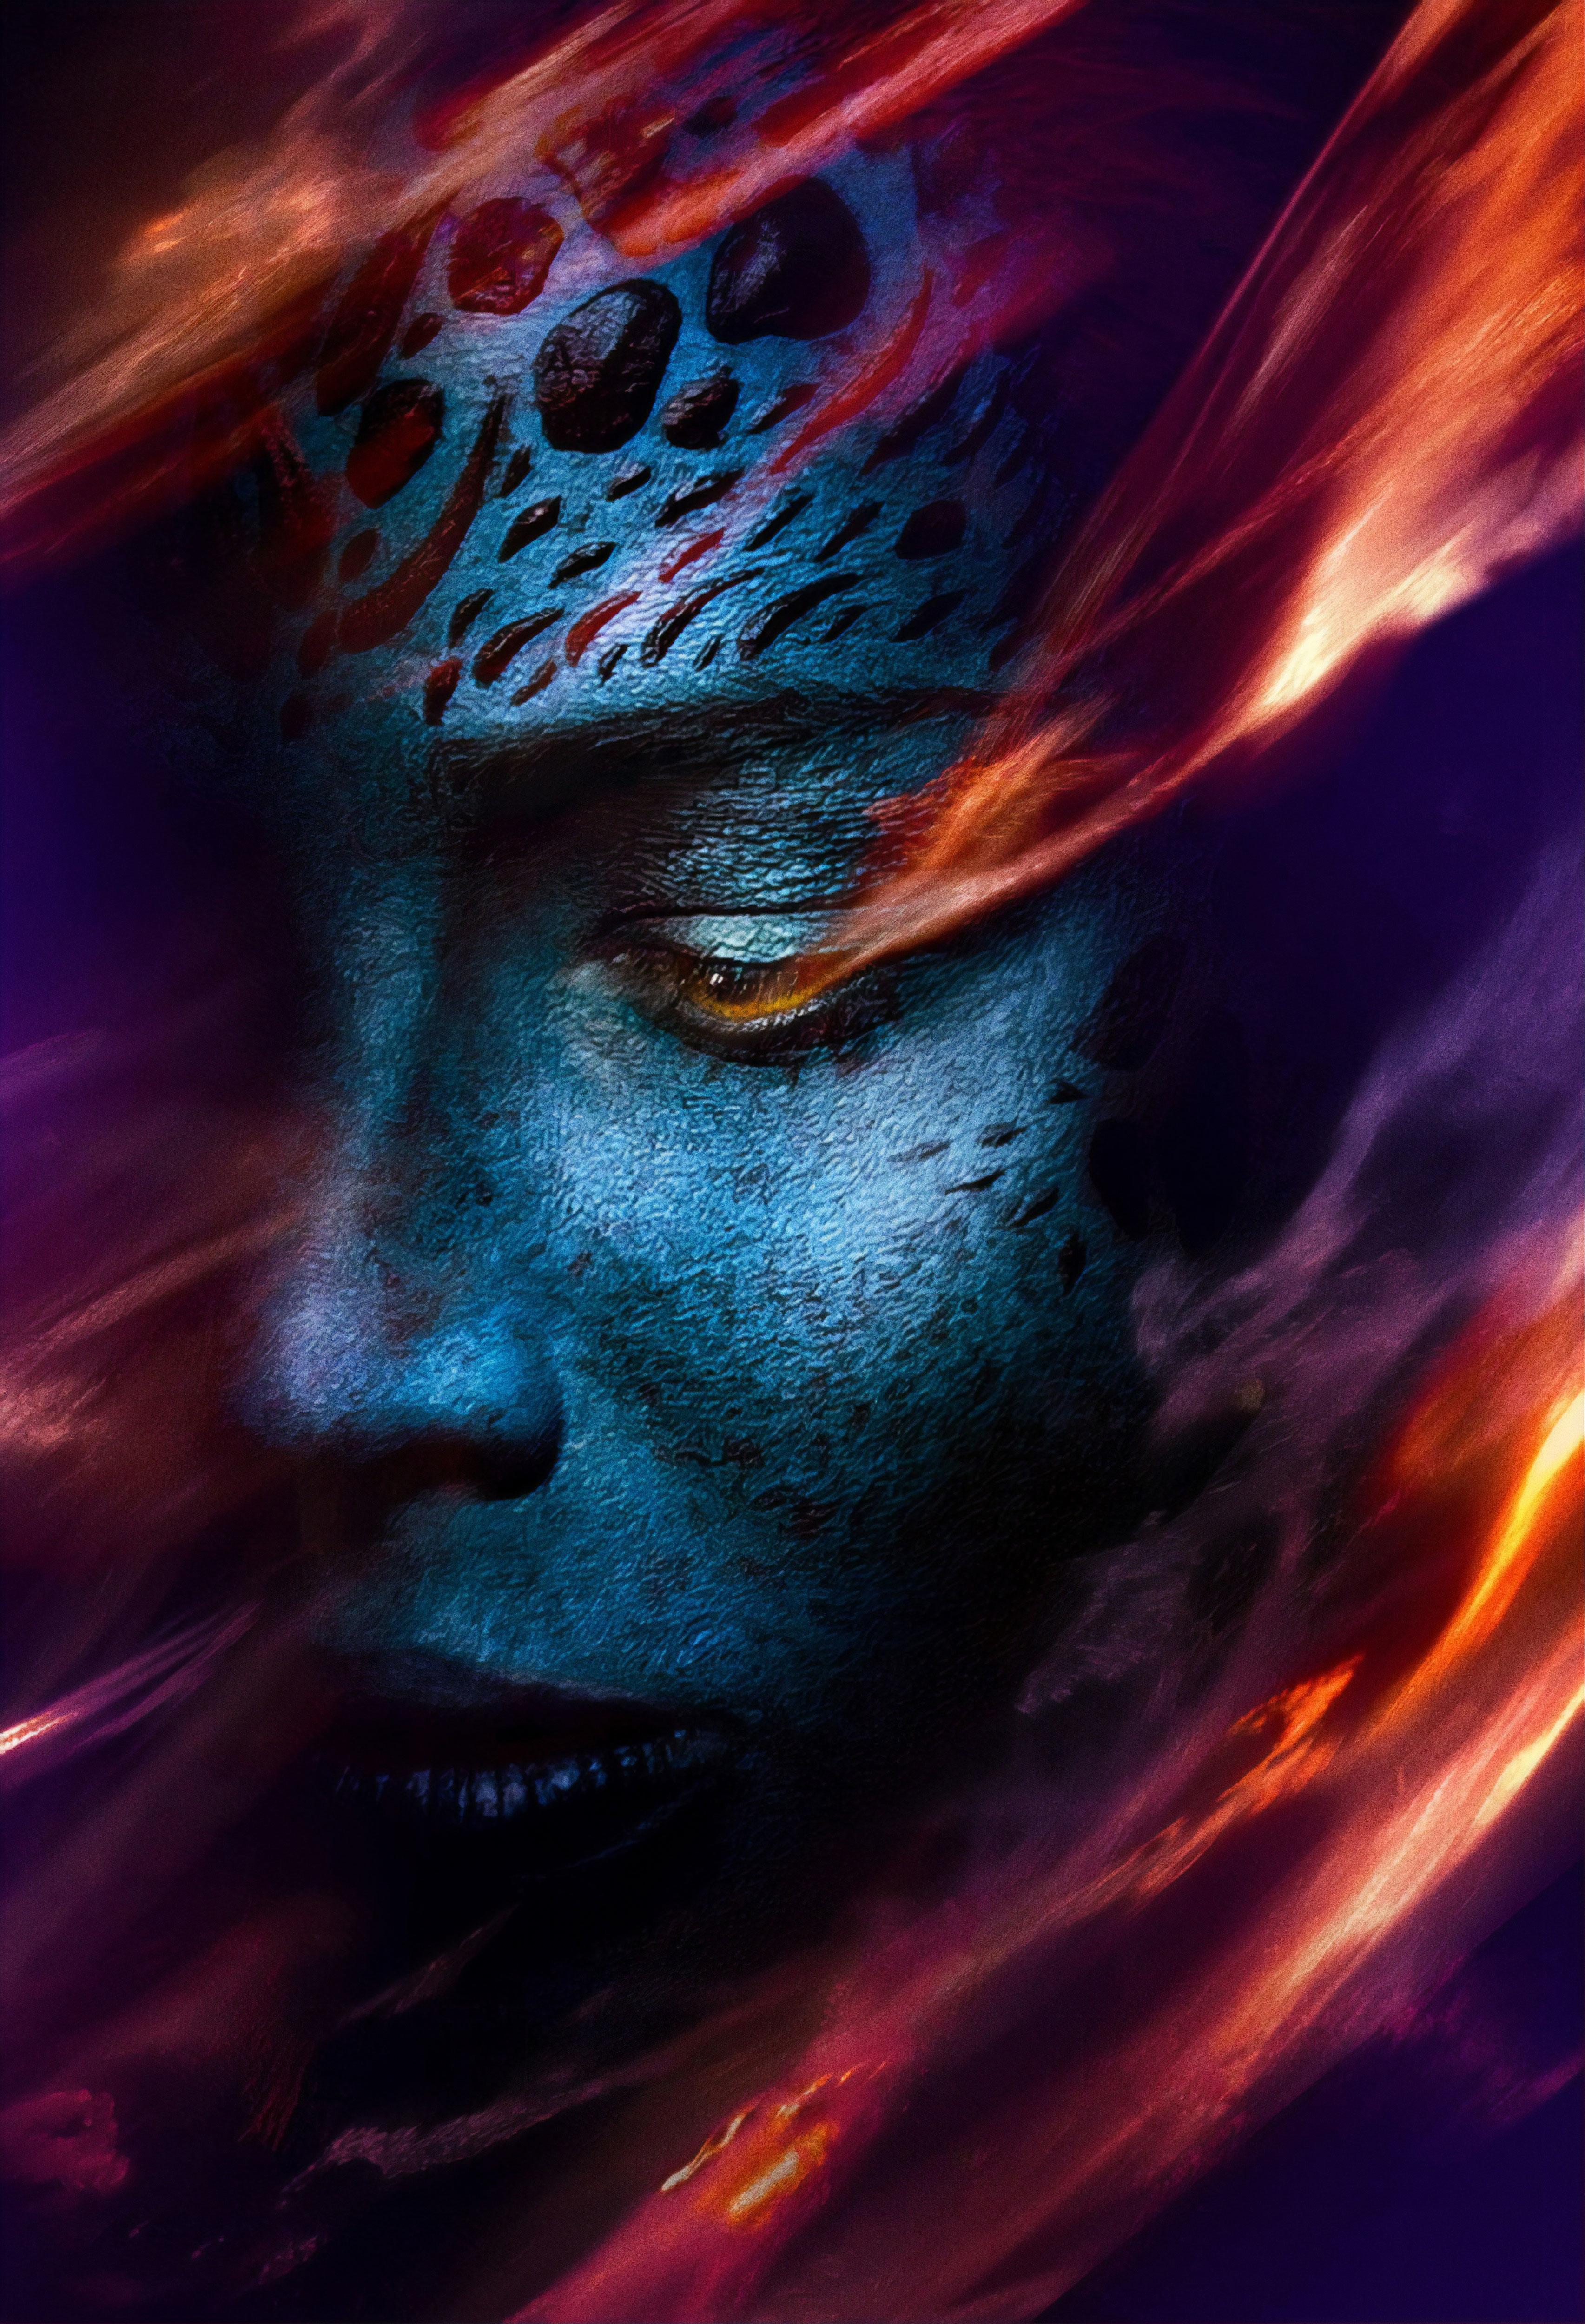 Jennifer Lawrence As Mystique X Men Dark Phoenix Wallpaper